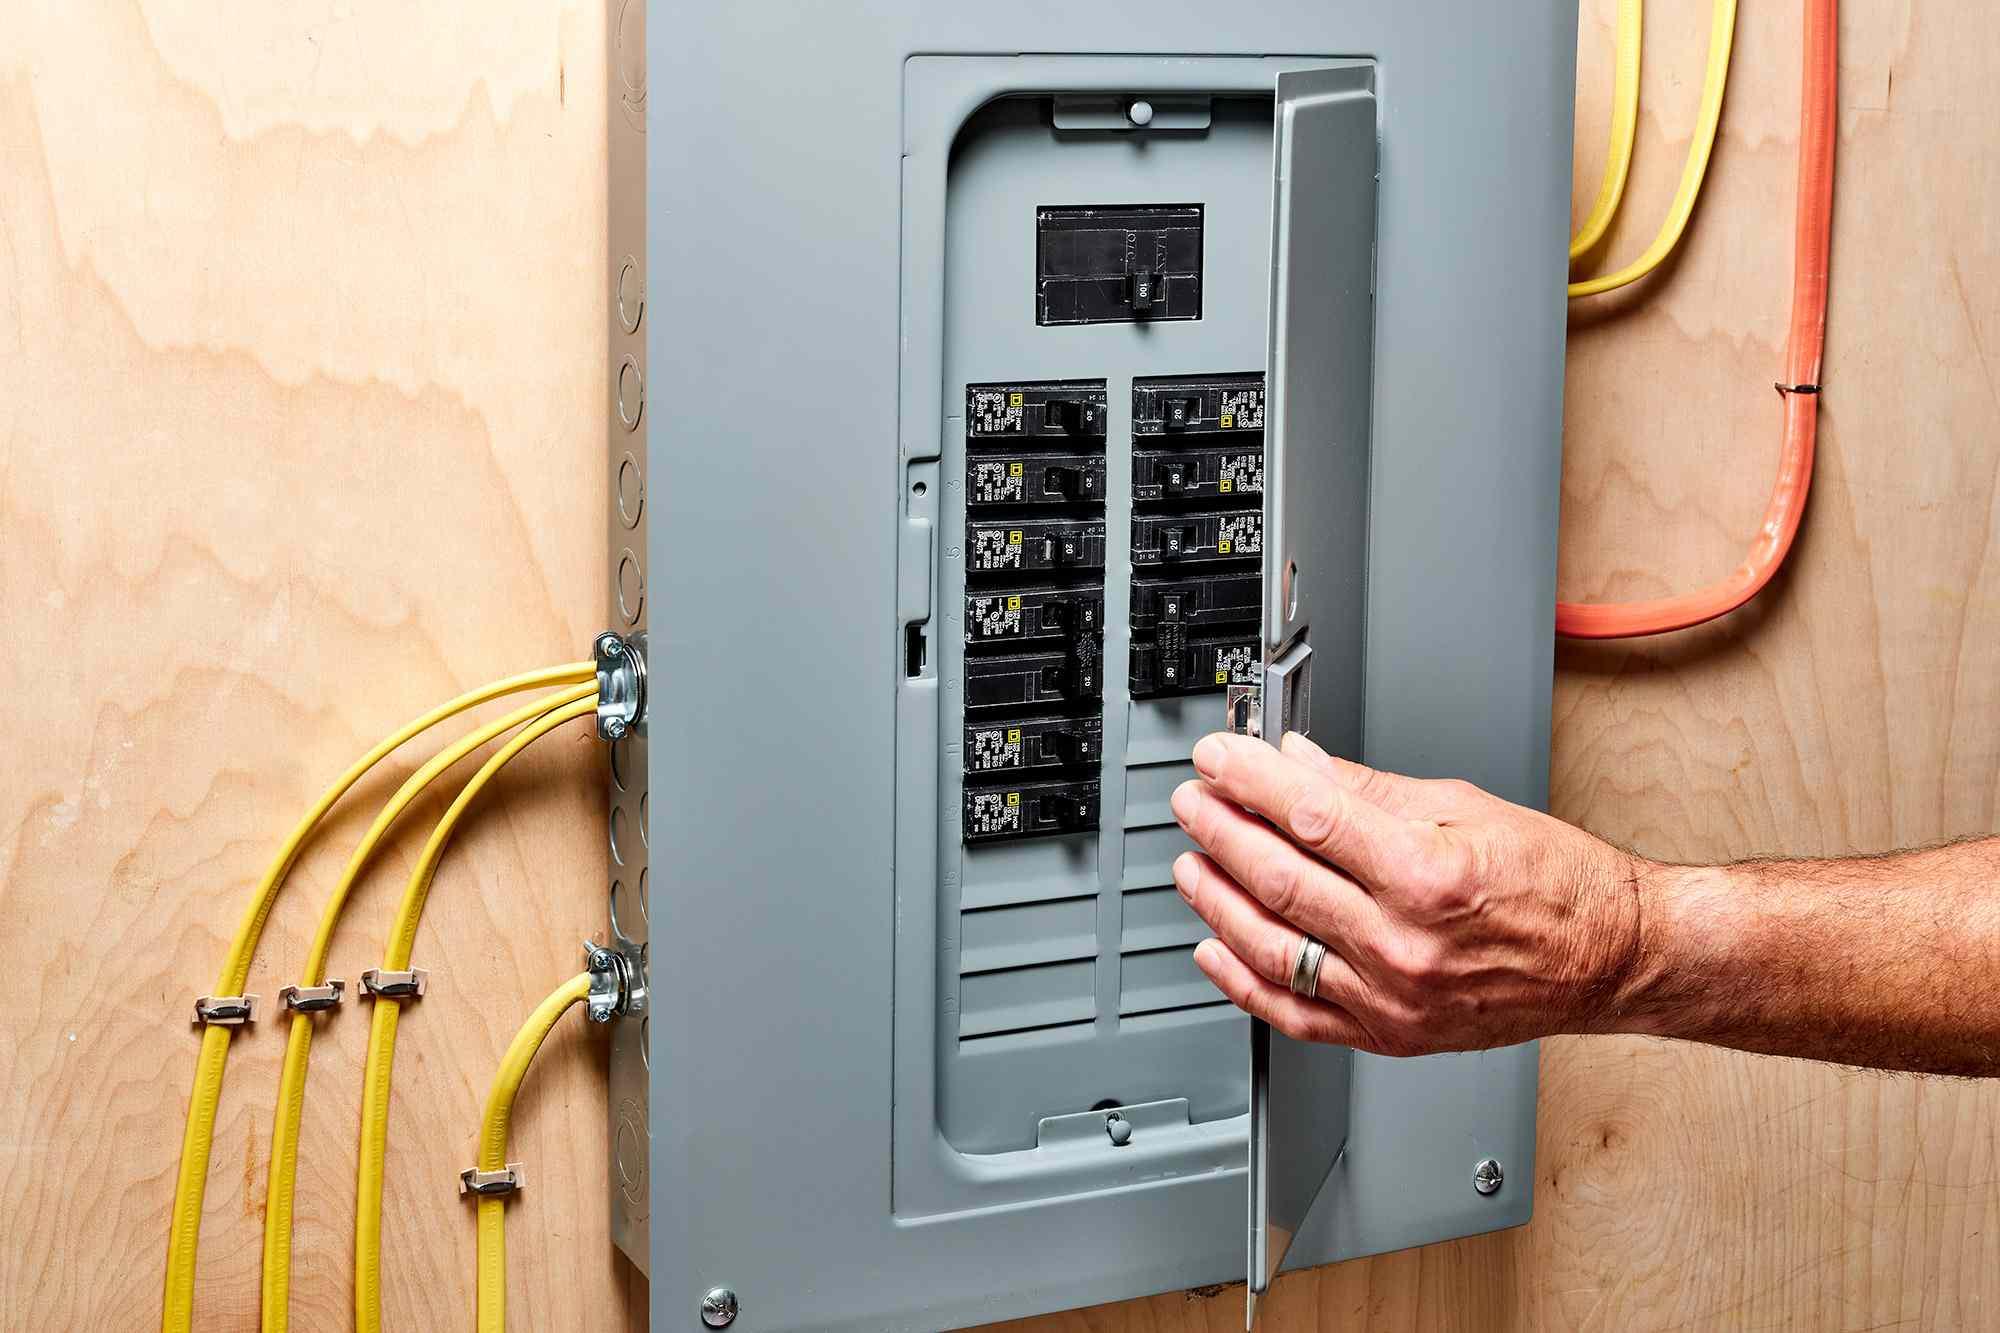 Gray metal service box with door open showing circuit breakers